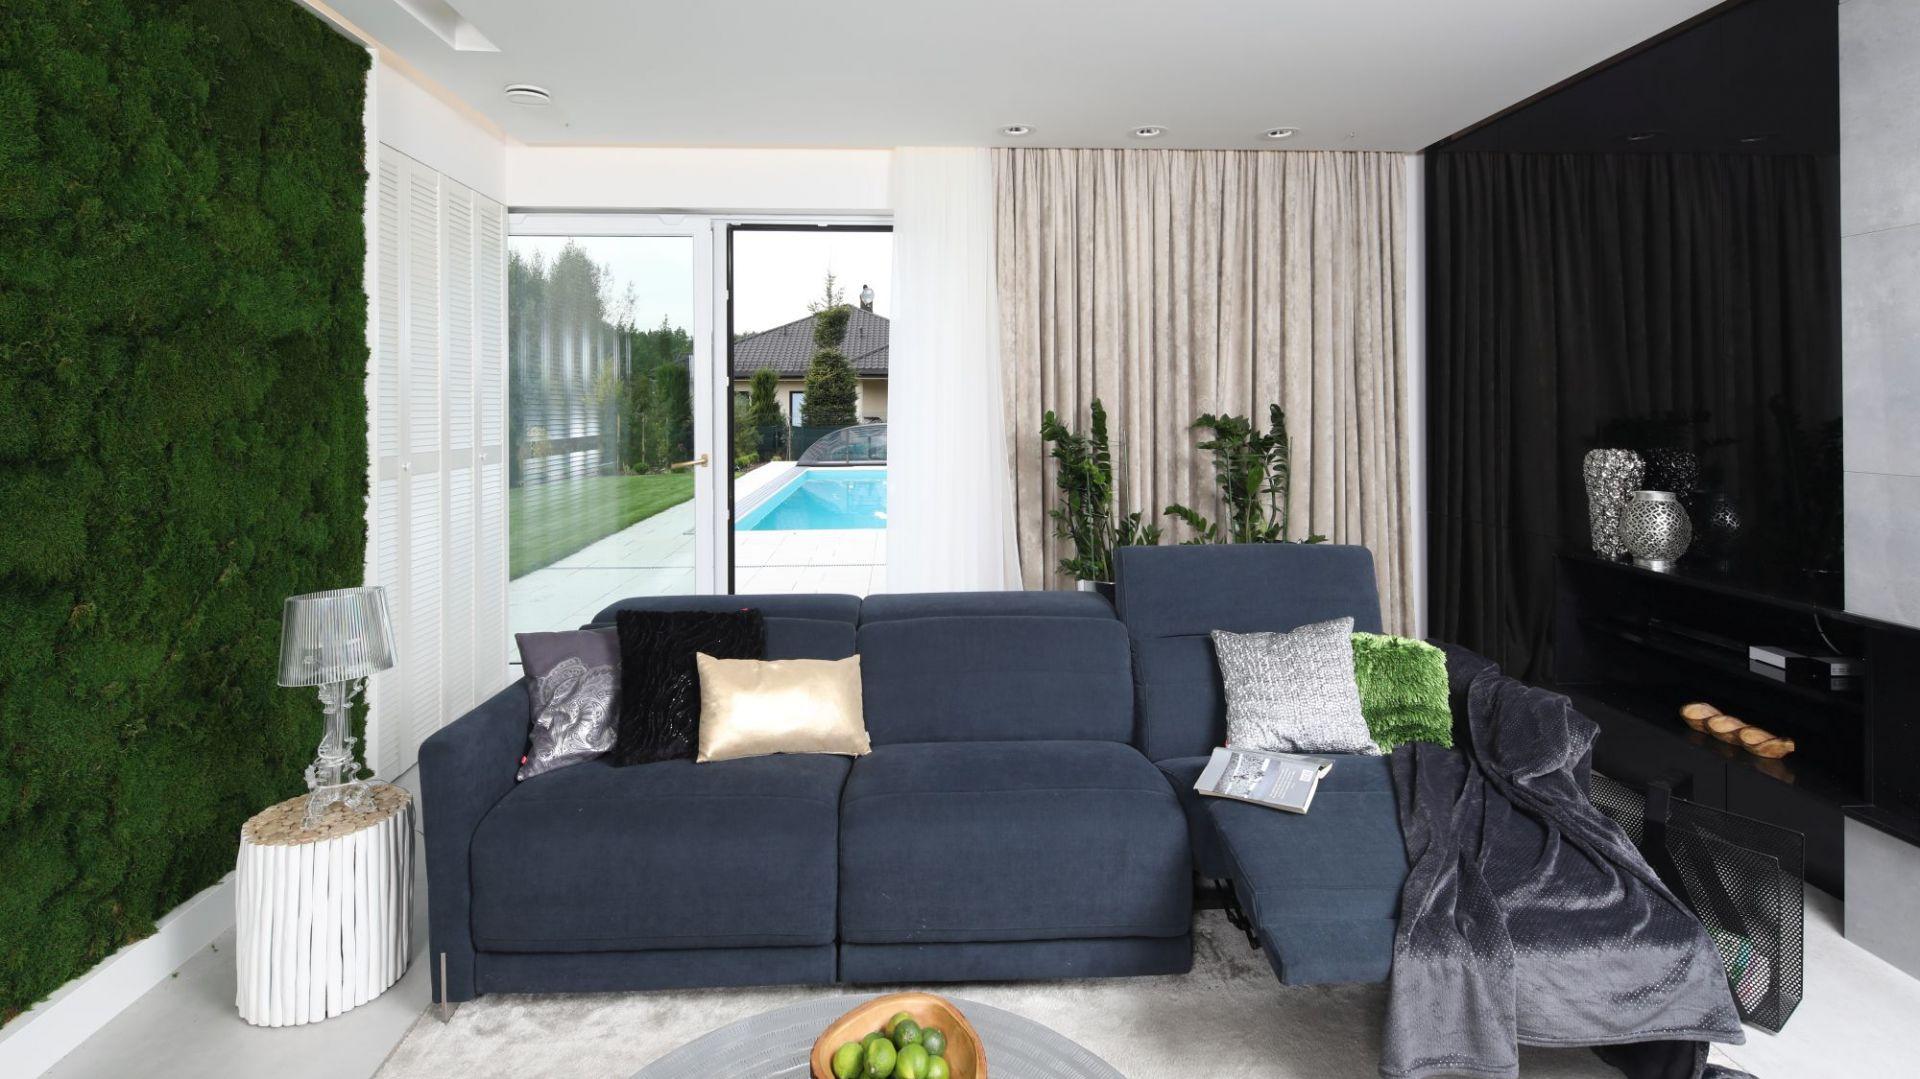 Zasłony w salonie - doskonały sposób na dekorację okna. Projekt Dariusz Grabowski. Fot. Bartosz Jarosz